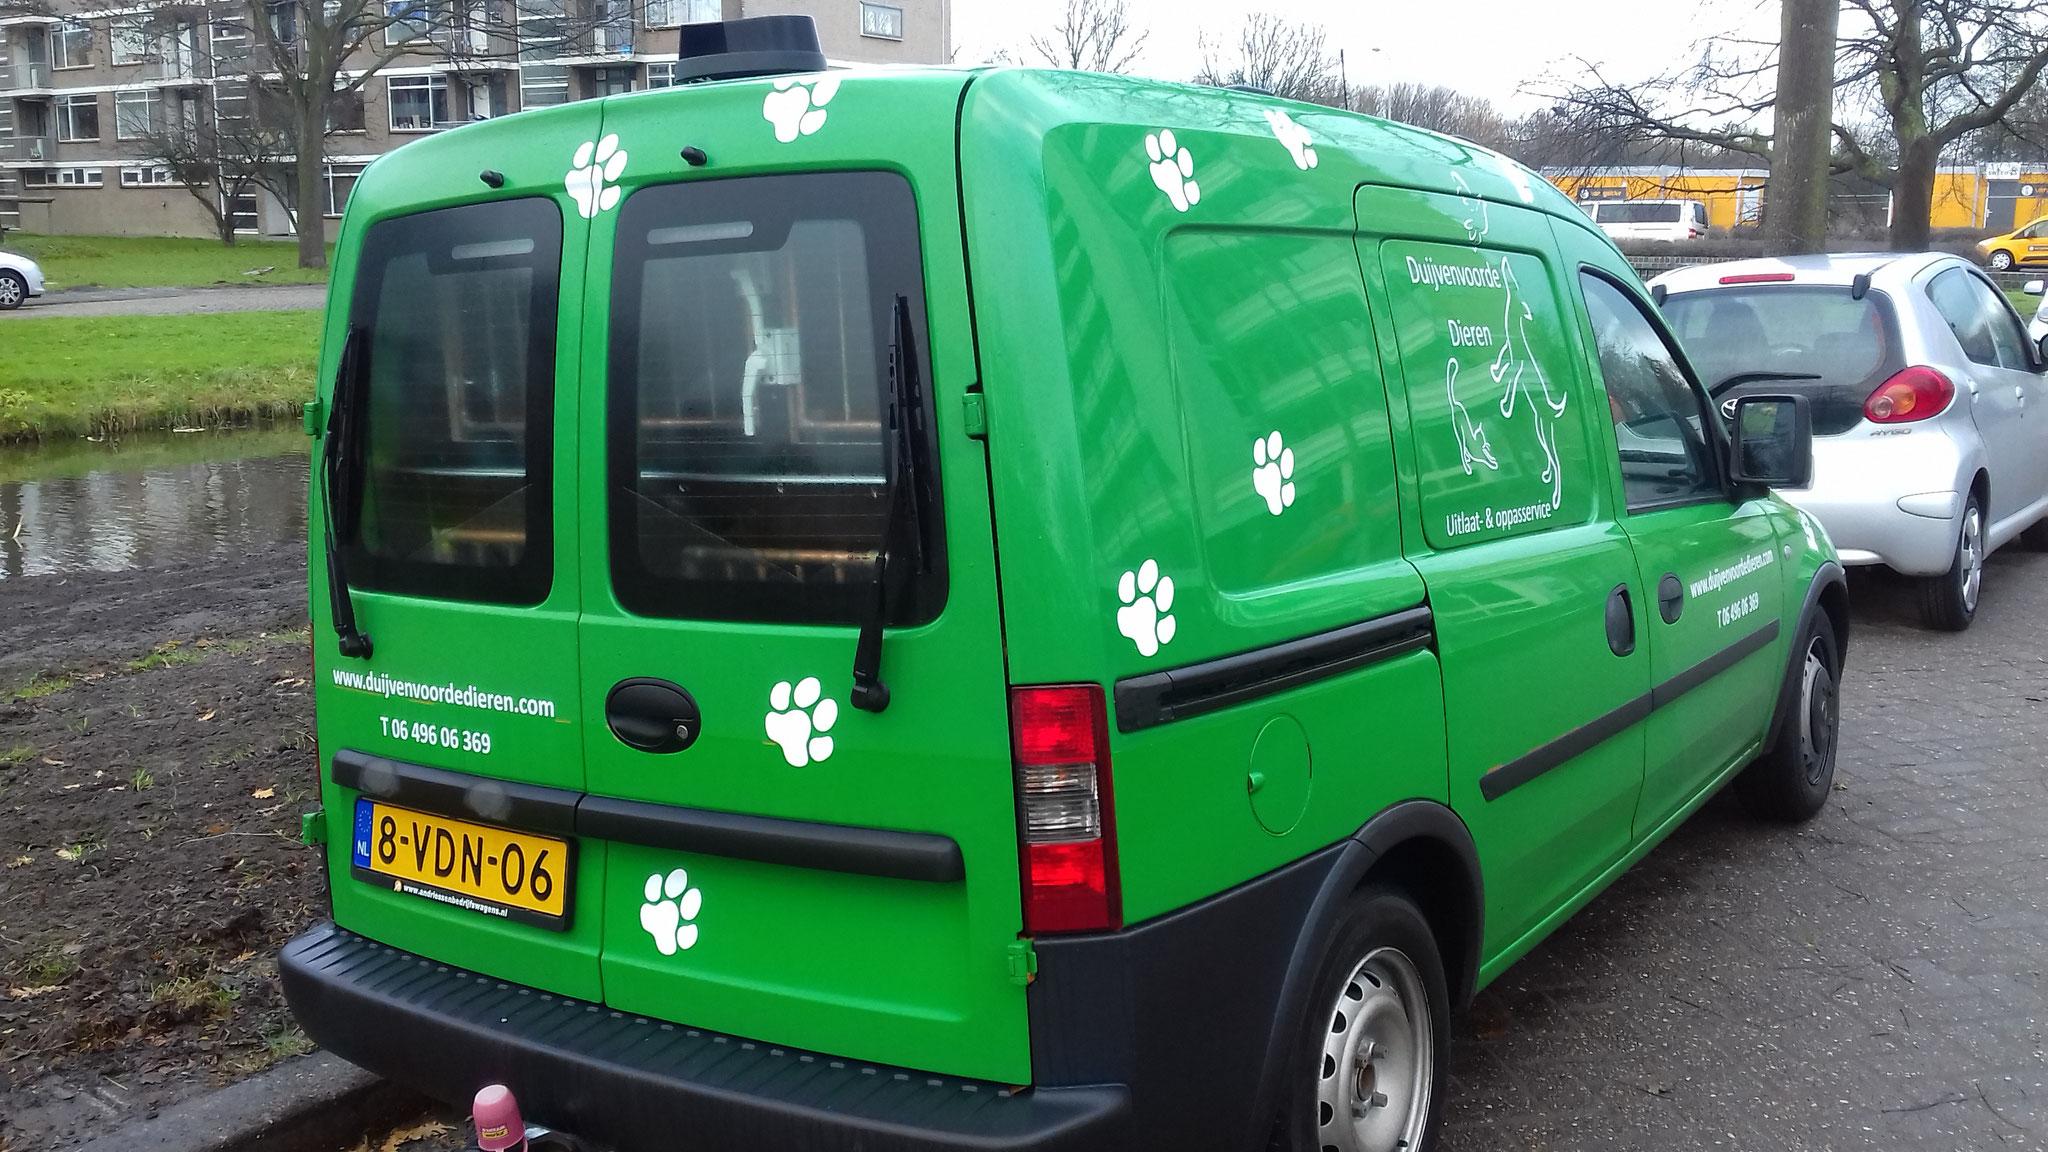 De bus waarin de hondjes vervoerd worden!